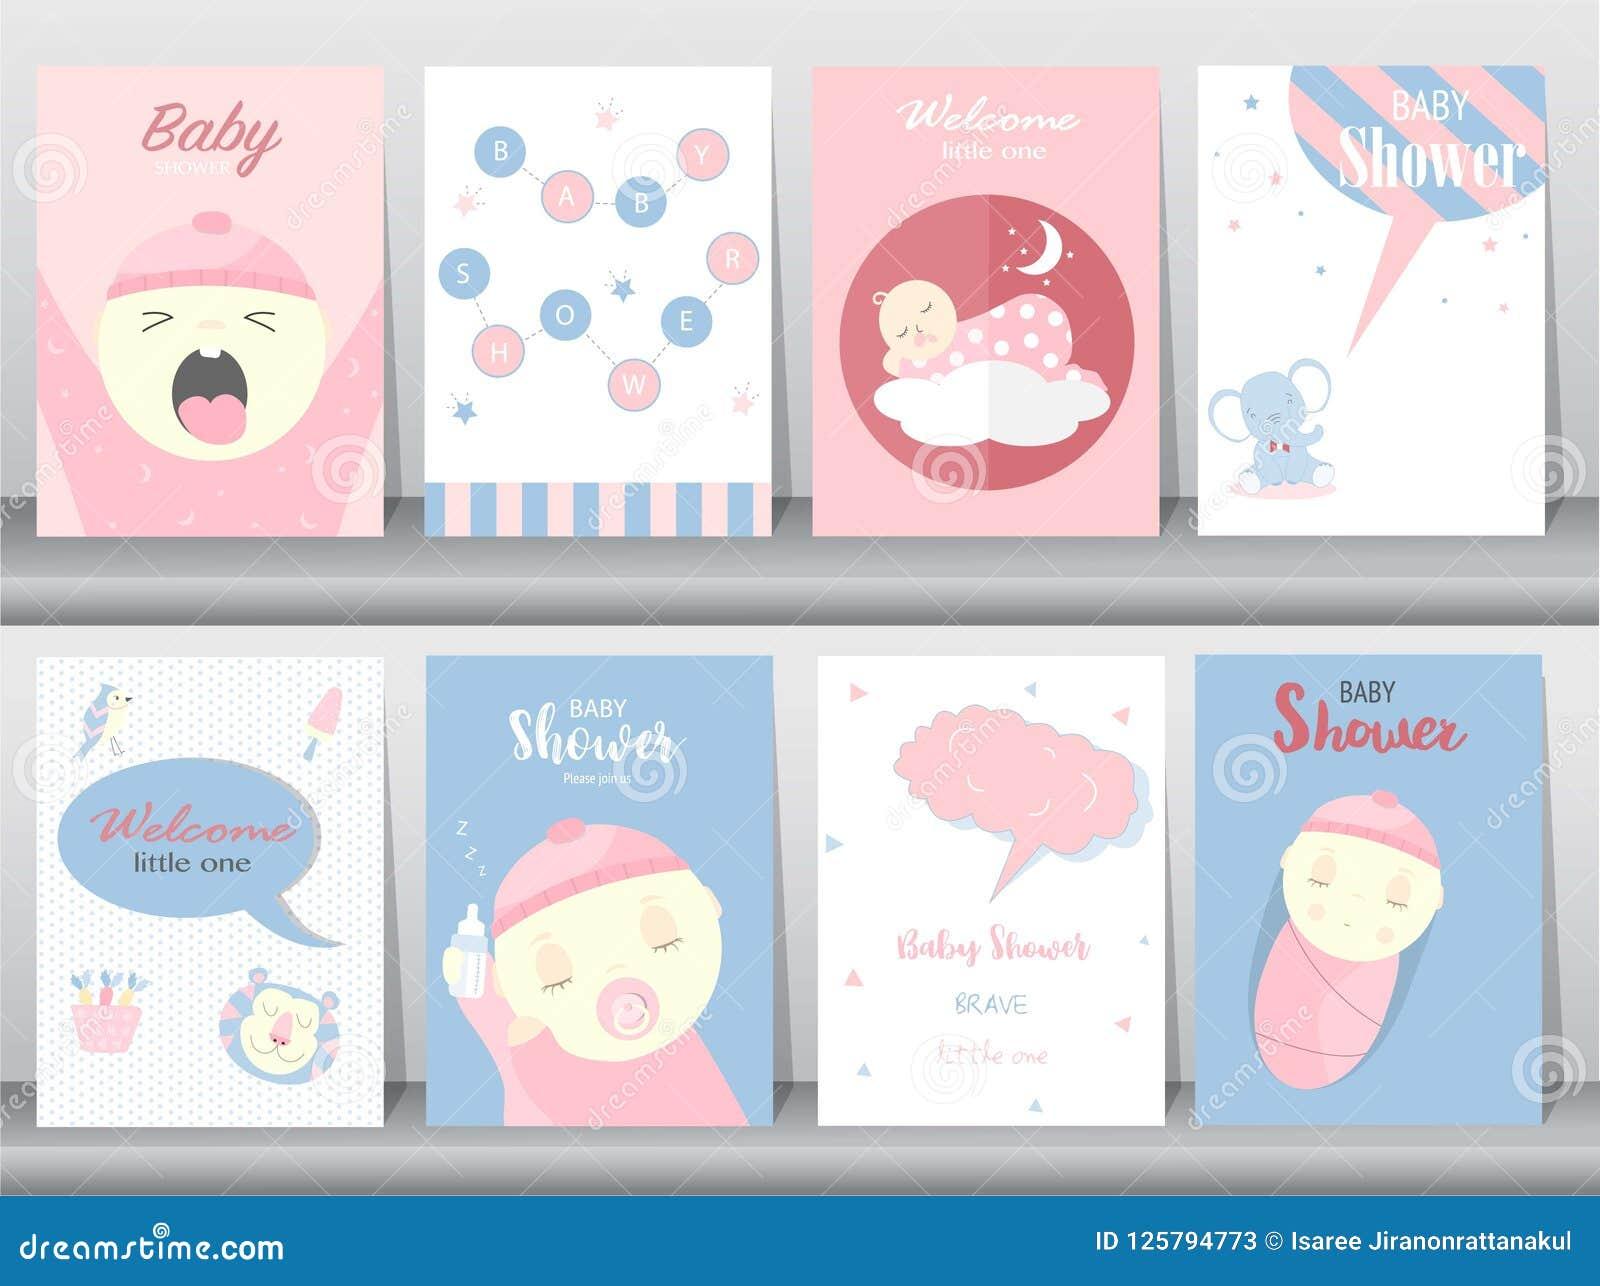 Комплект карточек приглашений детского душа, плакат, приветствие, шаблон, животные, милые, иллюстрации вектора